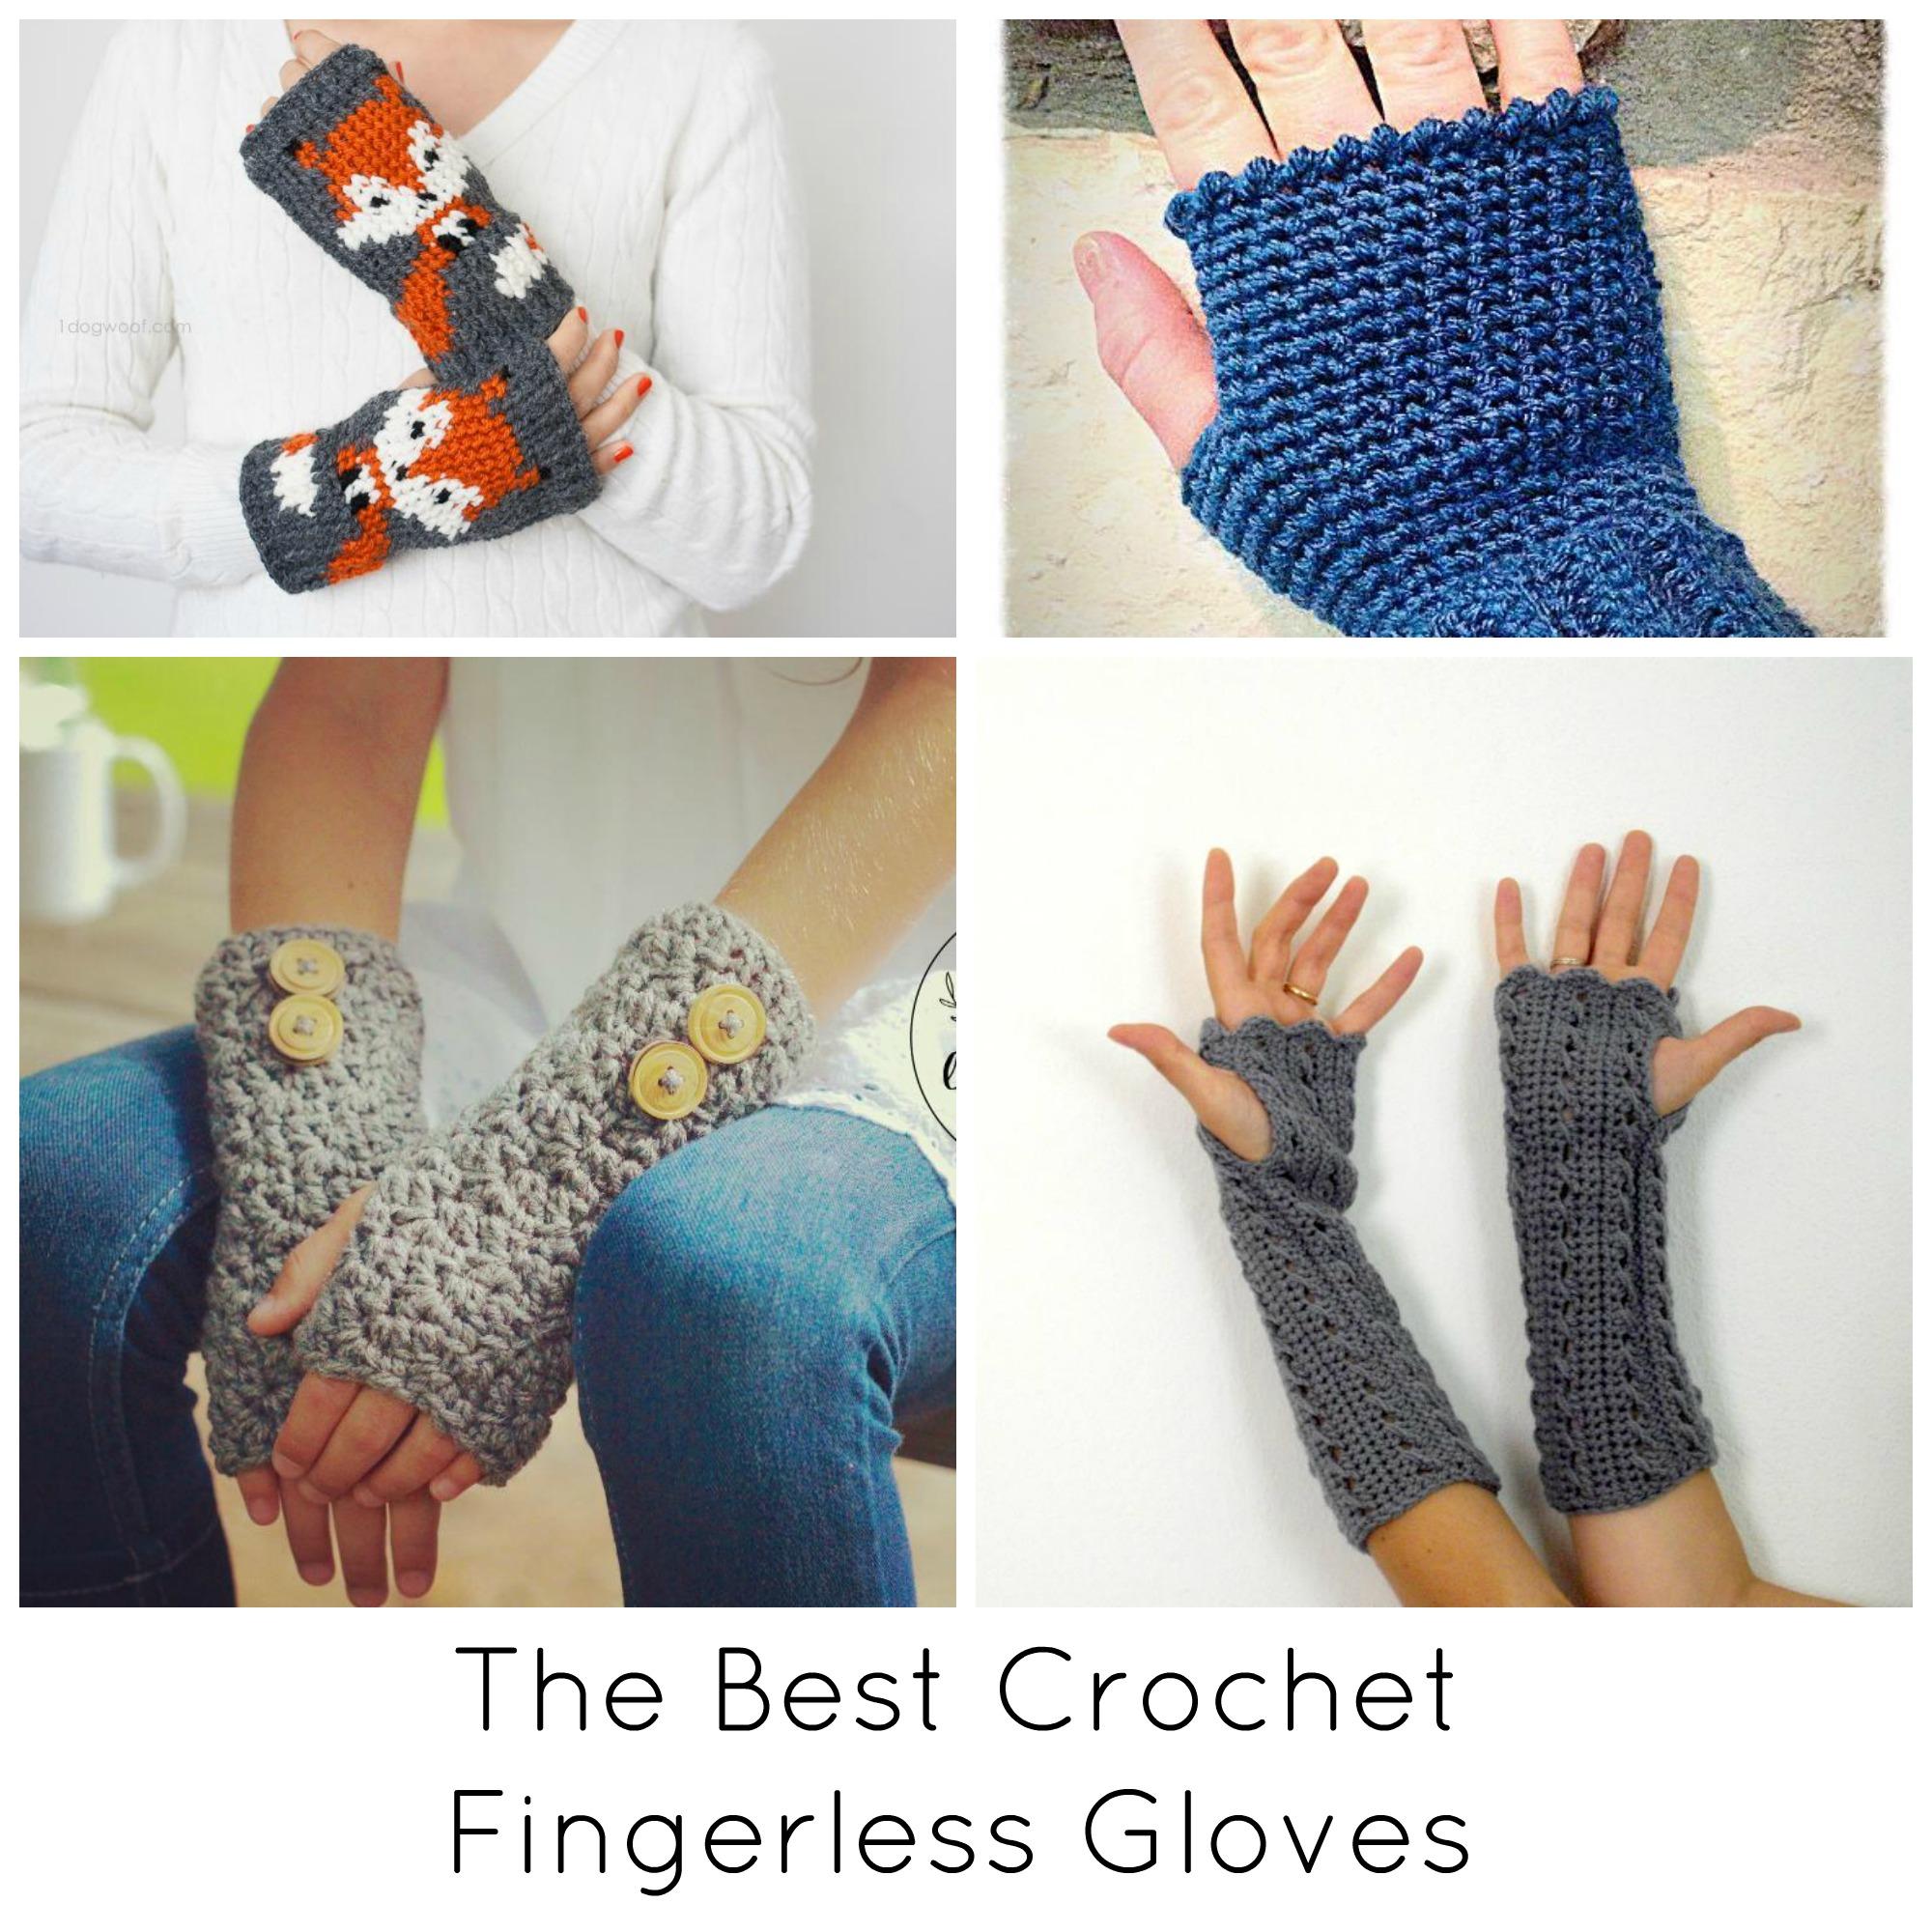 The Best Crochet Fingerless Gloves